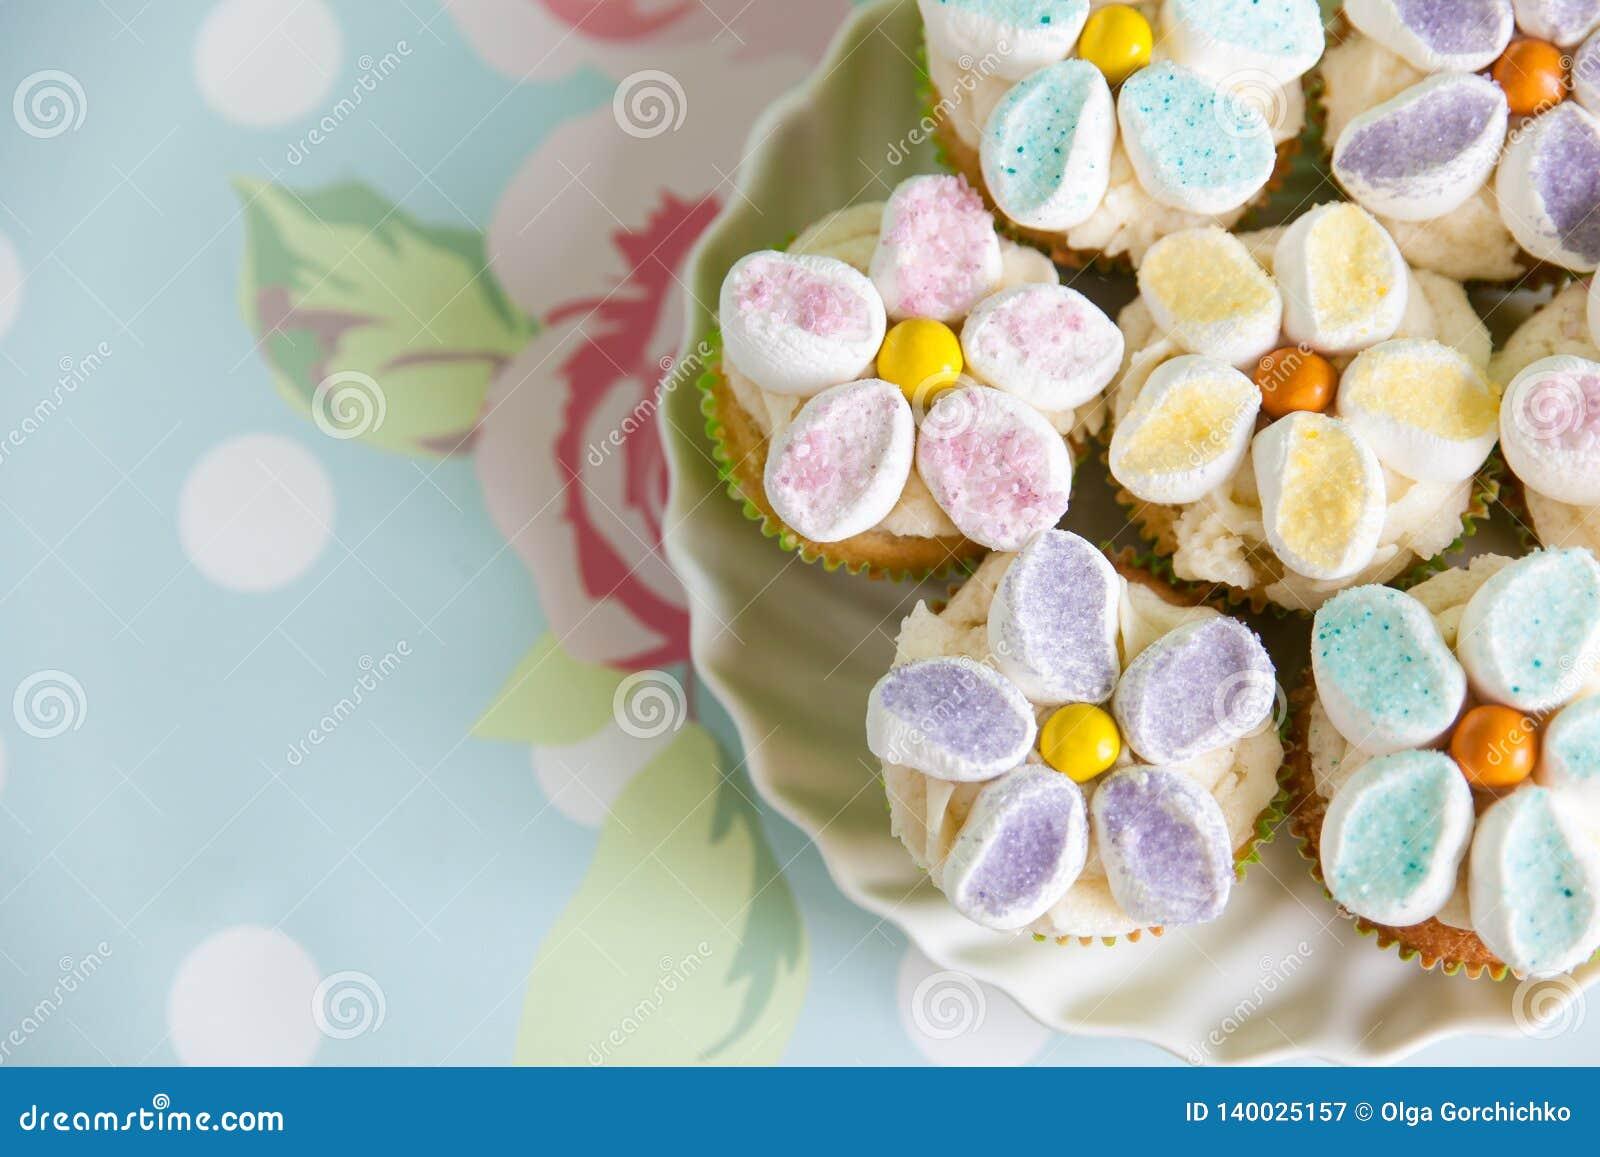 用黄油奶油和蛋白软糖花装饰的杯形蛋糕